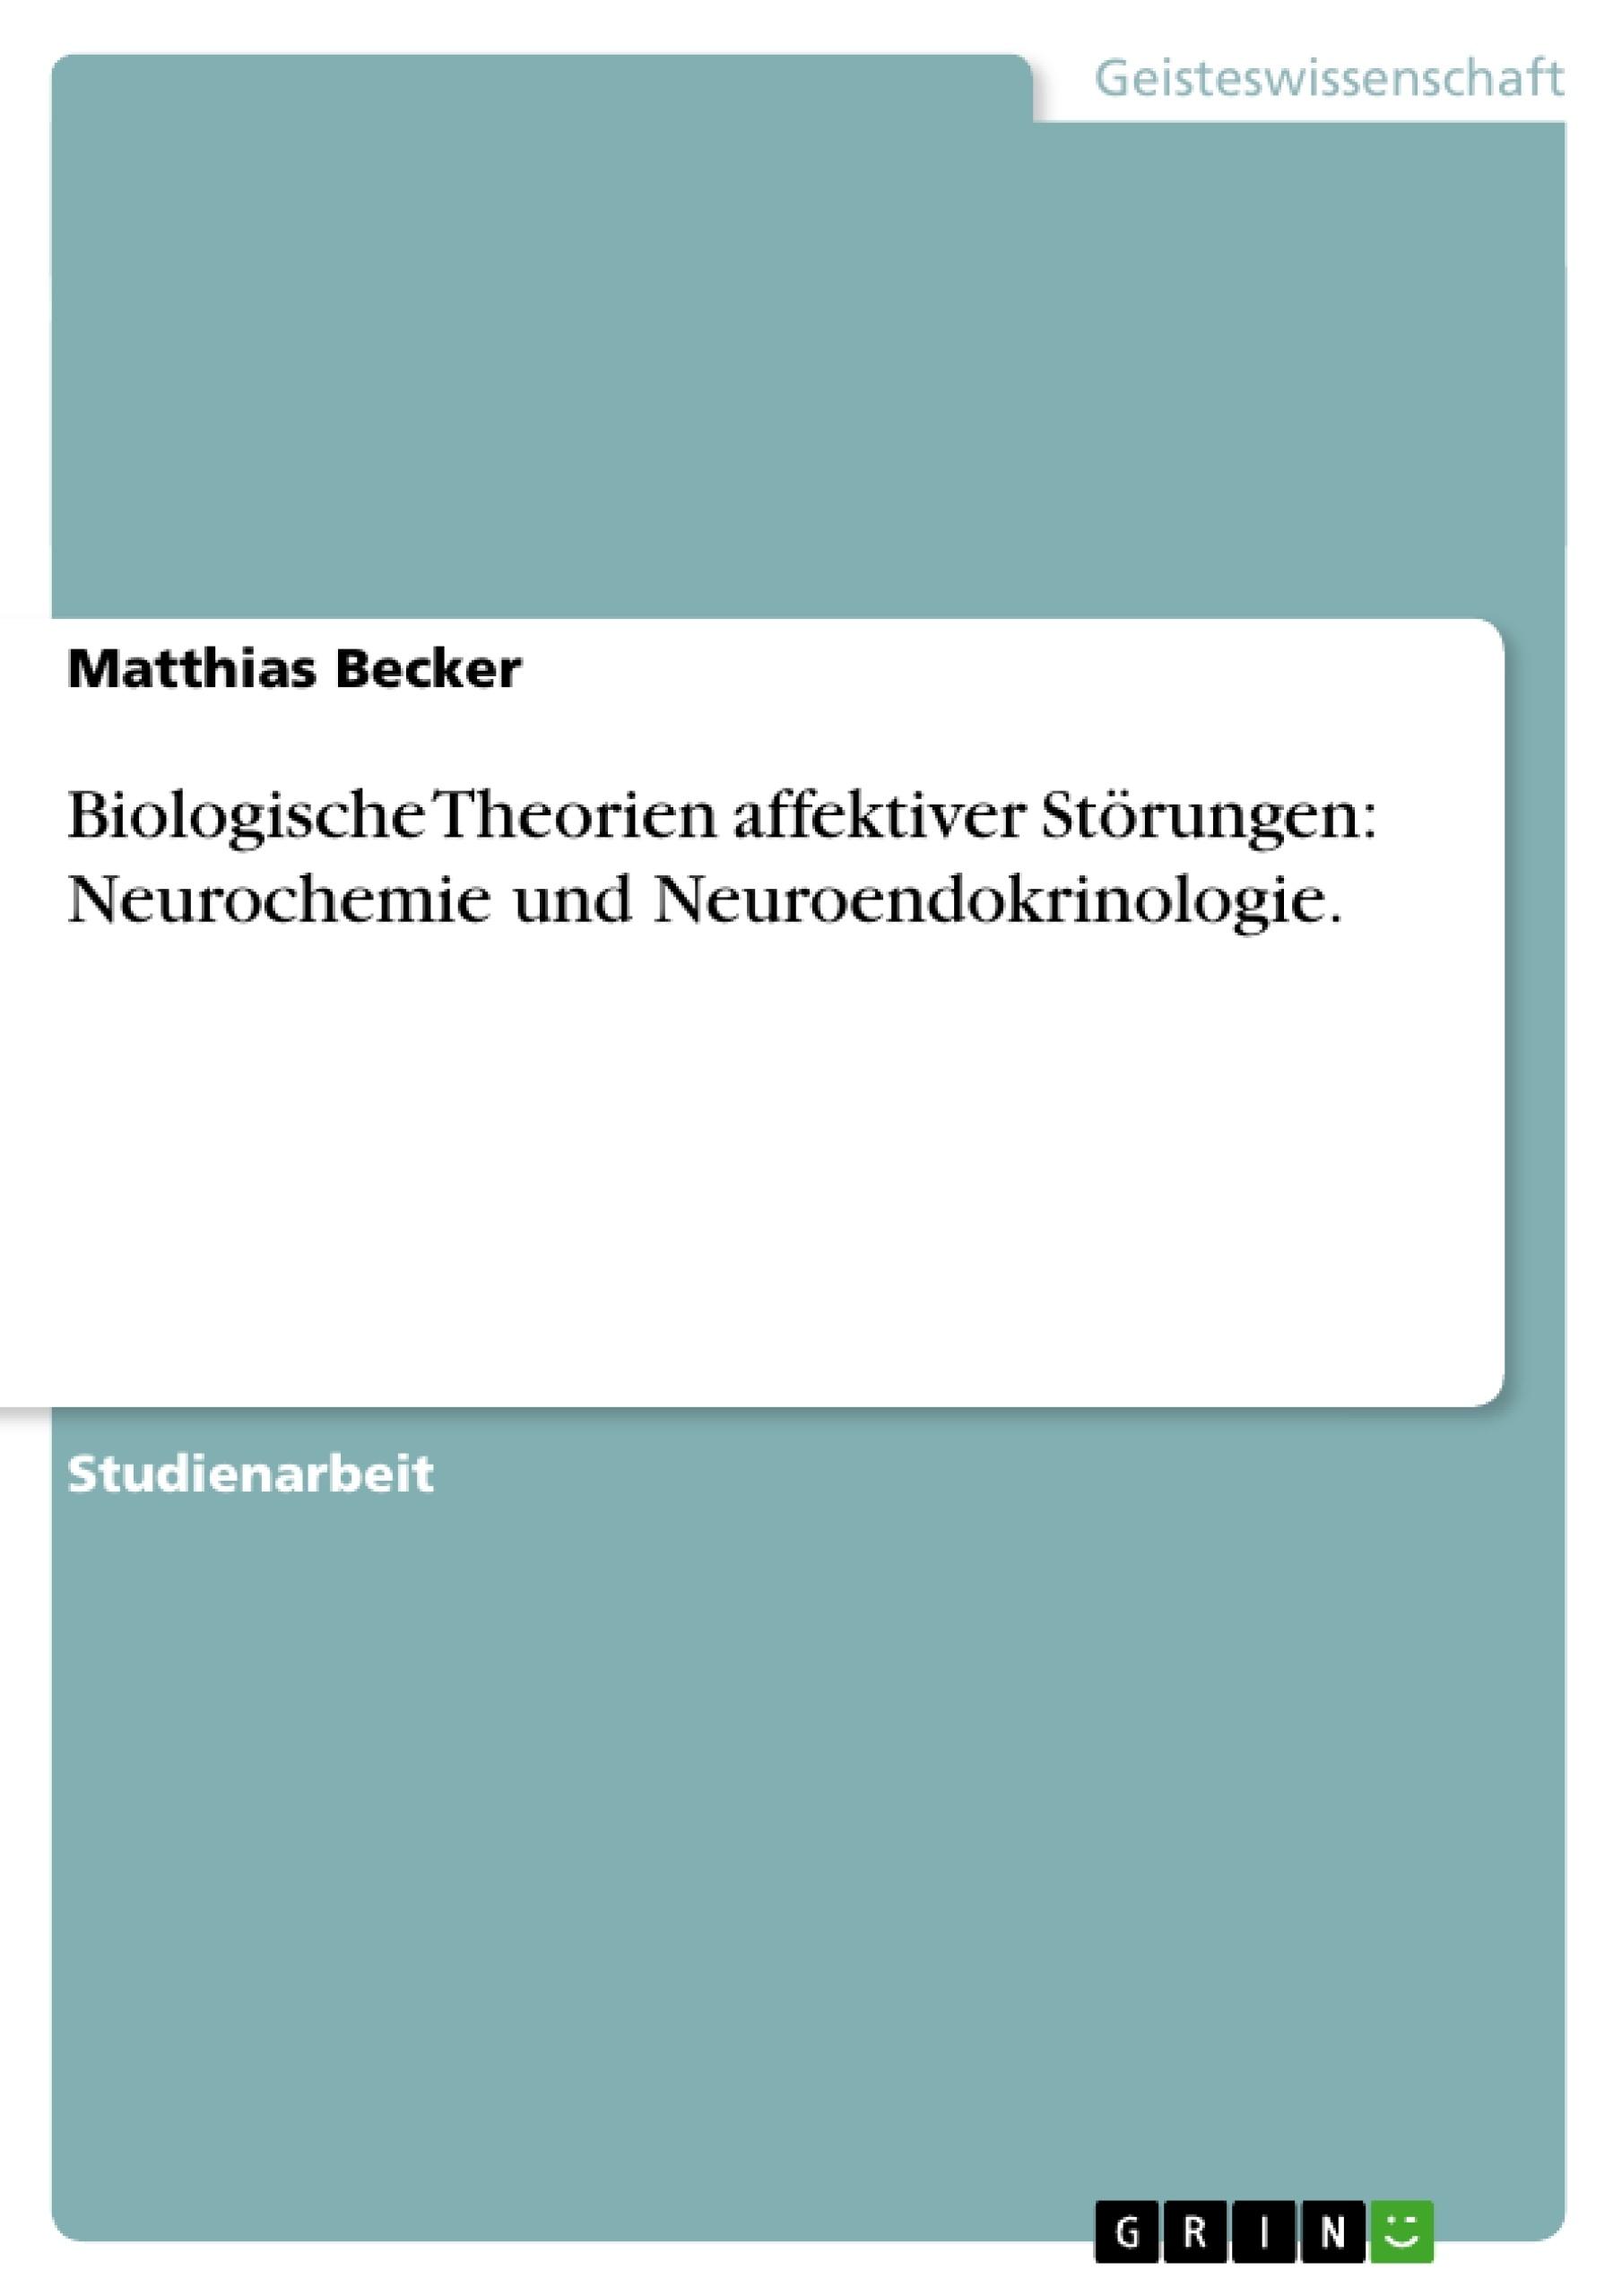 Titel: Biologische Theorien affektiver Störungen: Neurochemie und Neuroendokrinologie.